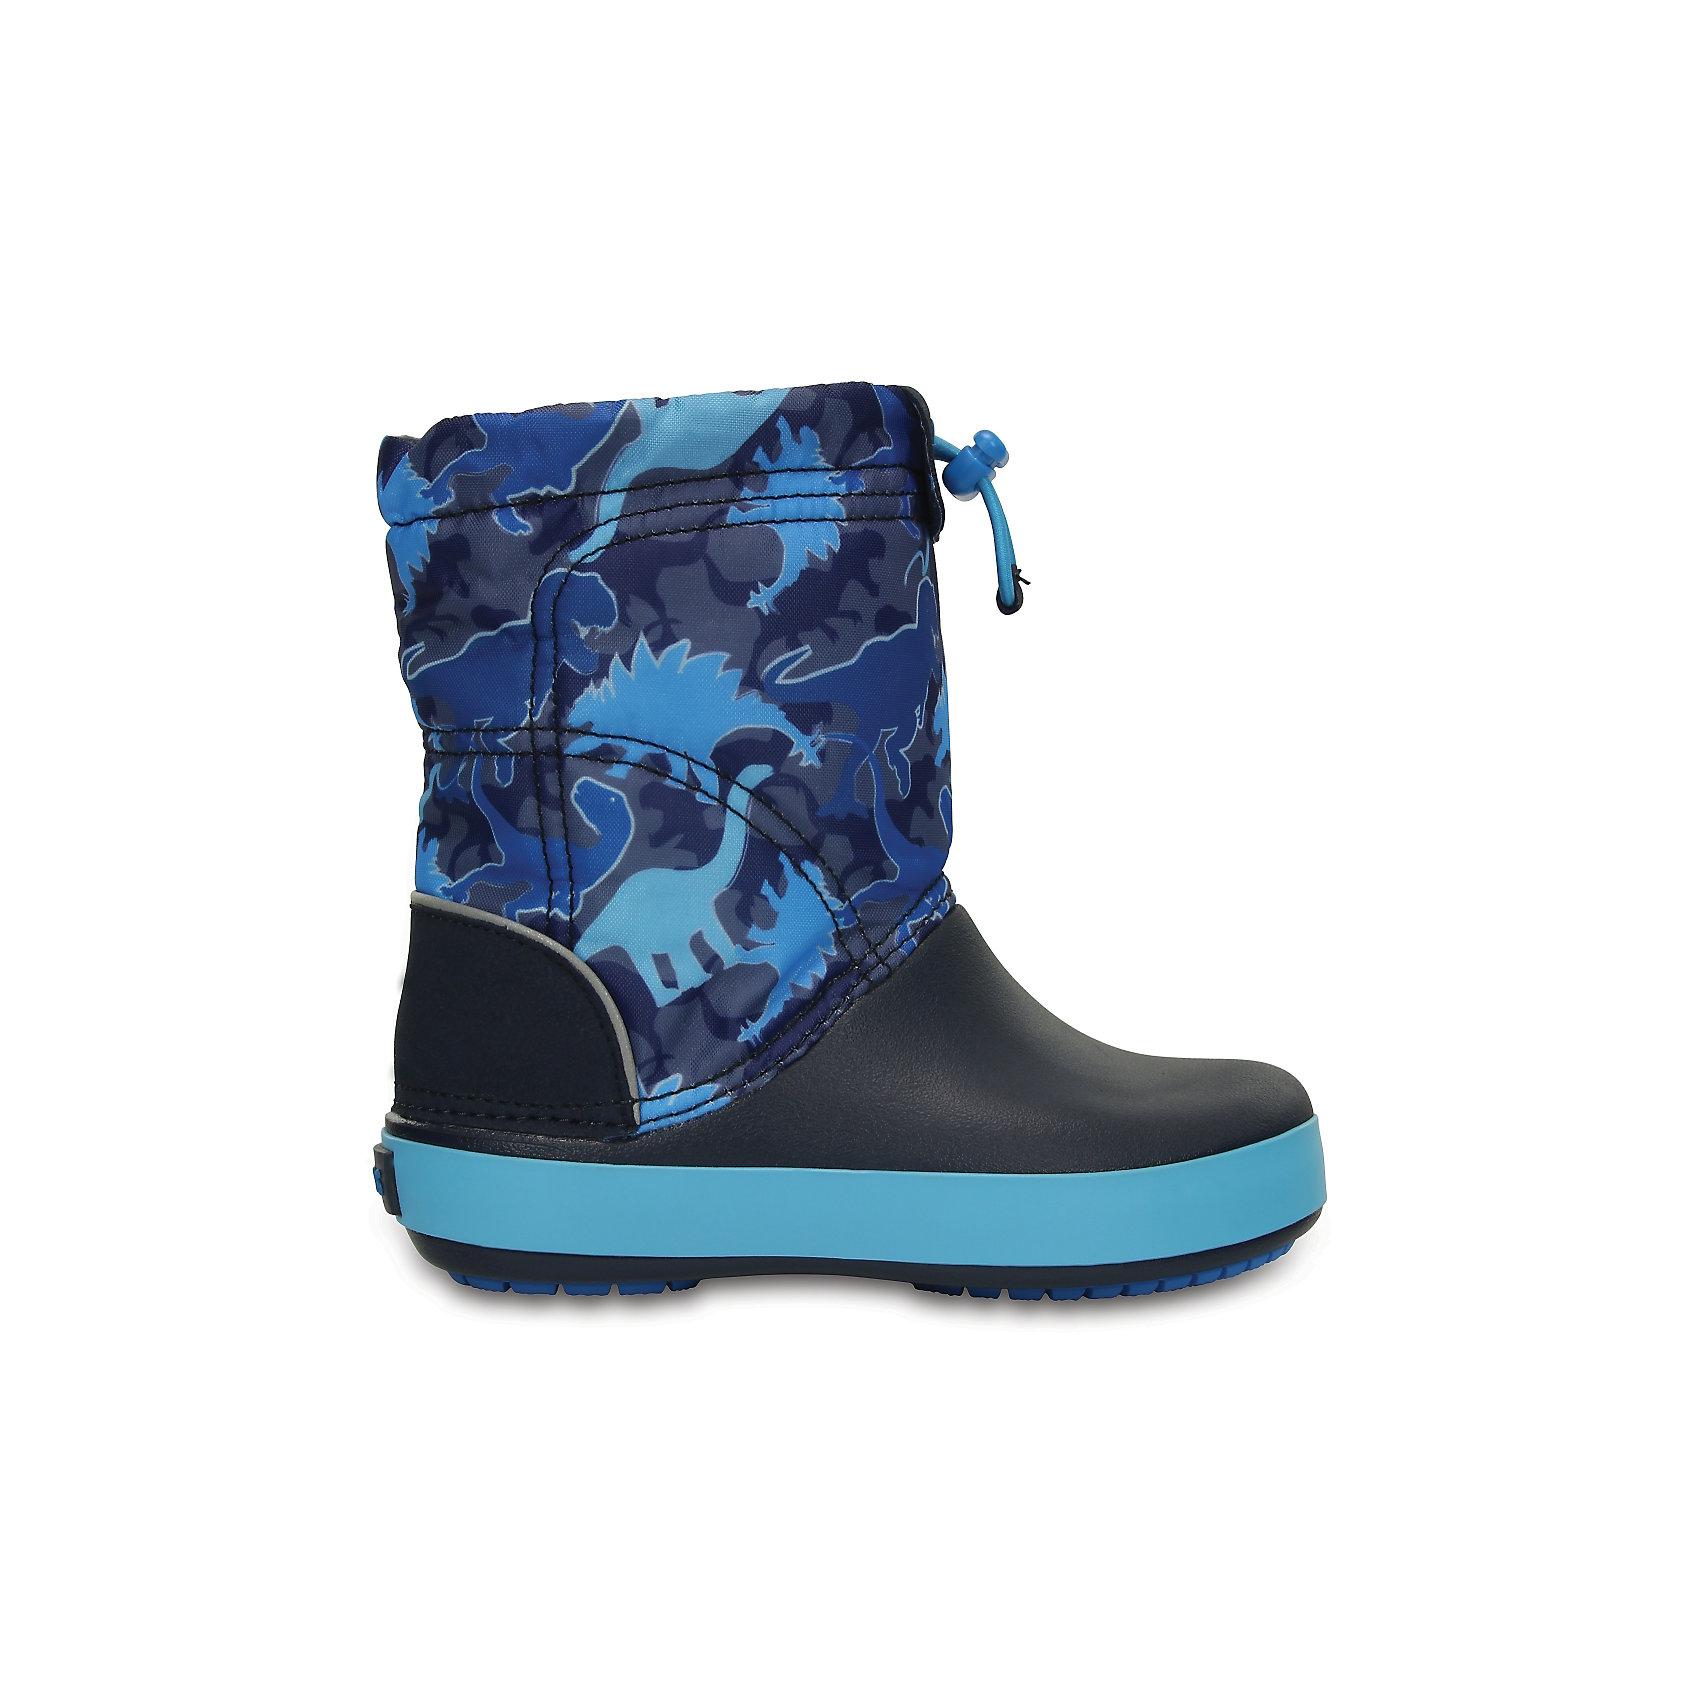 Сапоги Kids' Crocband LodgePoint Graphic Boot для мальчика CROCSСноубутсы<br>Характеристики товара:<br><br>• цвет: синий<br>• материал: верх - текстиль, низ -100% полимер Croslite™<br>• материал подкладки: текстиль<br>• непромокаемая носочная часть<br>• температурный режим: от -15° до +10° С<br>• легко очищаются<br>• антискользящая подошва<br>• застежка: шнурок со стоппером<br>• толстая устойчивая подошва<br>• страна бренда: США<br>• страна изготовитель: Китай<br><br>Сапоги могут быть и стильными, и теплыми! Для детской обуви крайне важно, чтобы она была удобной. Такие сапоги обеспечивают детям необходимый комфорт, а теплая подкладка создает особый микроклимат. Сапоги легко надеваются и снимаются, отлично сидят на ноге. Материал, из которого они сделаны, не дает размножаться бактериям, поэтому такая обувь препятствует образованию неприятного запаха и появлению болезней стоп. Данная модель особенно понравится детям - ведь в них можно бегать по лужам!<br>Обувь от американского бренда Crocs в данный момент завоевала широкую популярность во всем мире, и это не удивительно - ведь она невероятно удобна. Её носят врачи, спортсмены, звёзды шоу-бизнеса, люди, которым много времени приходится бывать на ногах - они понимают, как важна комфортная обувь. Продукция Crocs - это качественные товары, созданные с применением новейших технологий. Обувь отличается стильным дизайном и продуманной конструкцией. Изделие производится из качественных и проверенных материалов, которые безопасны для детей. <br><br>Сапоги Kids' Crocband LodgePoint Graphic Boot для мальчика от торговой марки Crocs можно купить в нашем интернет-магазине.<br><br>Ширина мм: 257<br>Глубина мм: 180<br>Высота мм: 130<br>Вес г: 420<br>Цвет: синий<br>Возраст от месяцев: 21<br>Возраст до месяцев: 24<br>Пол: Мужской<br>Возраст: Детский<br>Размер: 24,23,25,26,31/32,33/34,34/35,27,28,29,30<br>SKU: 5027403